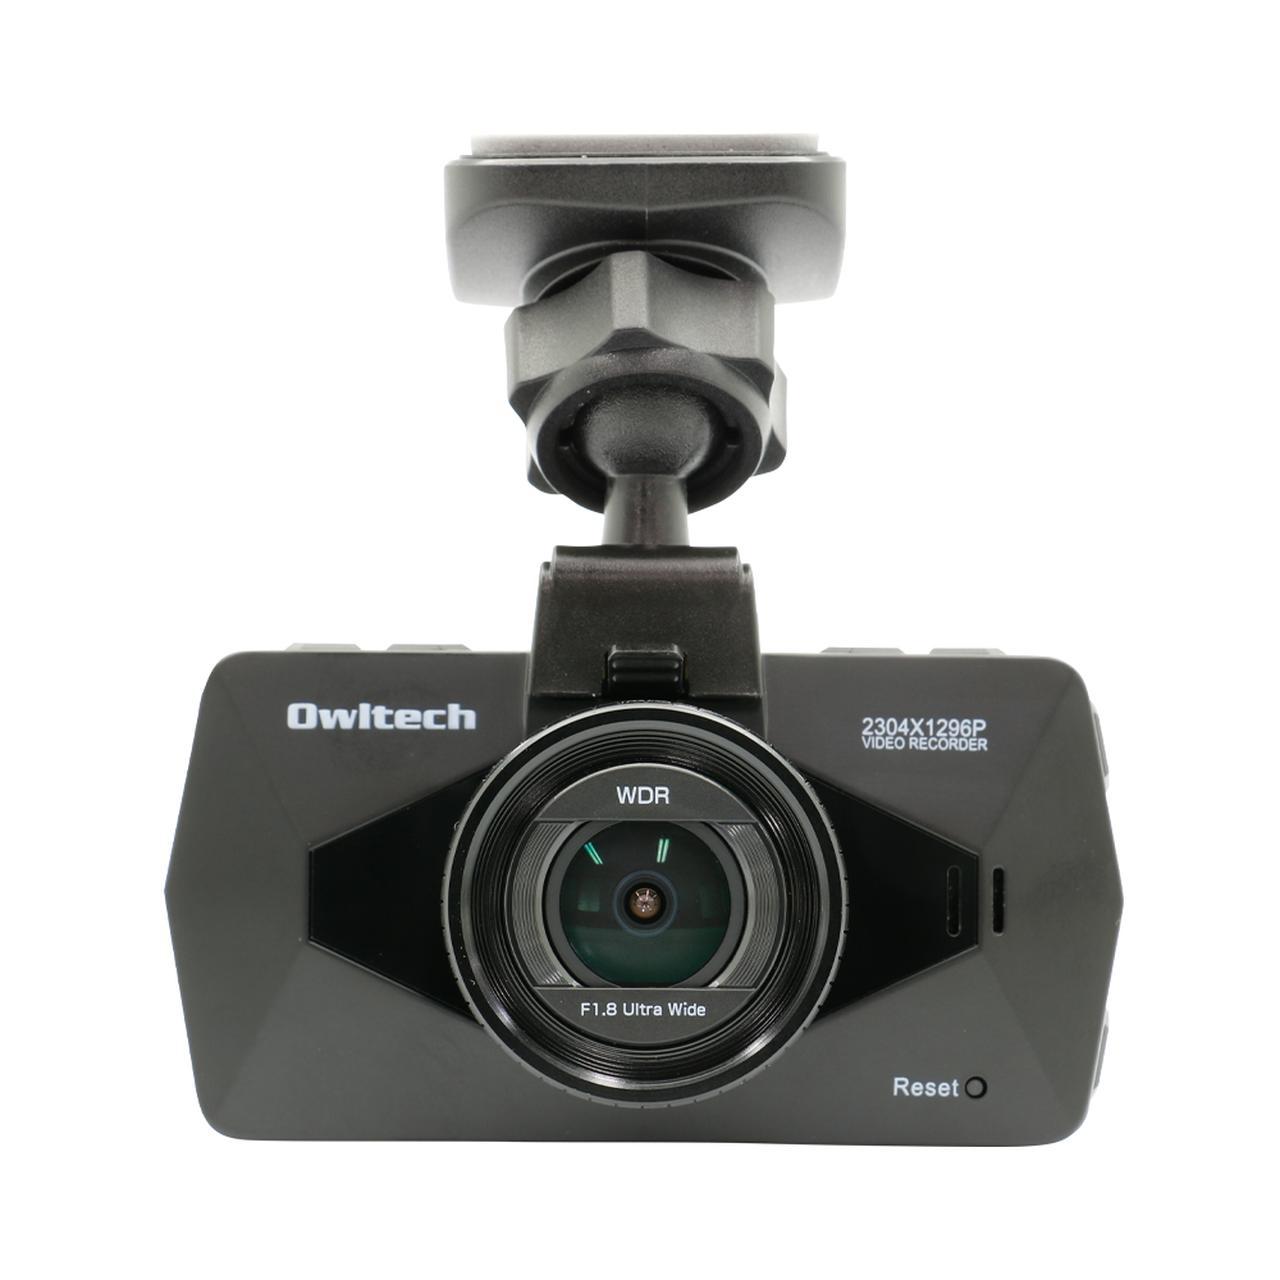 画像: C-PLフィルターで映り込みを防止 GPS付き スーパーHD 超高解像度 超広角135°ハイエンドモデルドライブレコーダー OWL-DR701G | 株式会社オウルテック